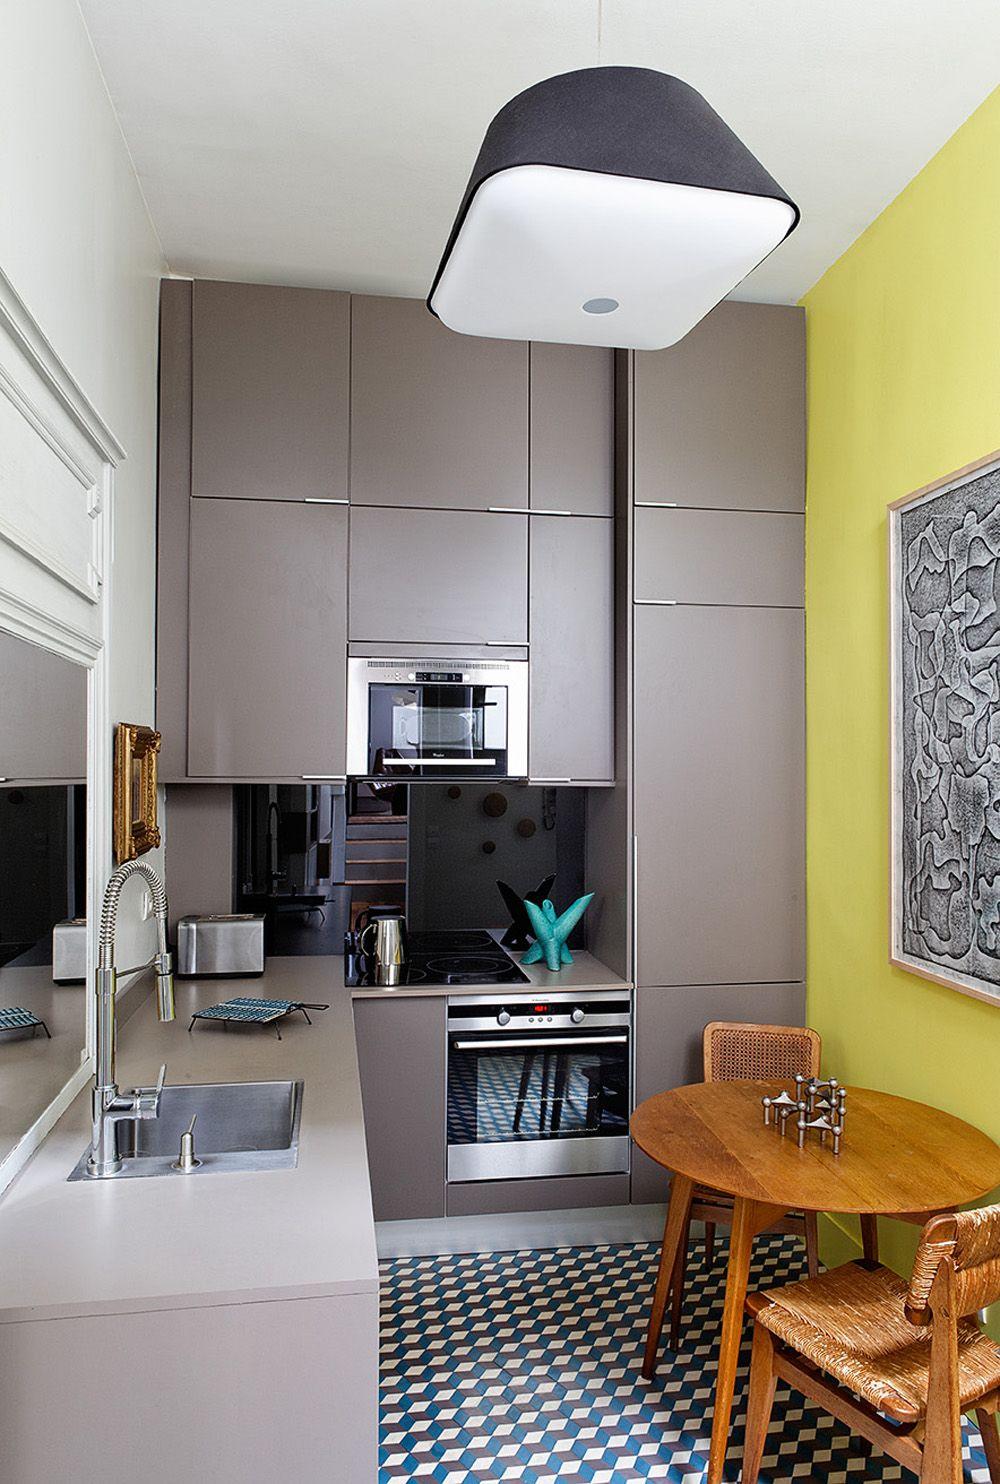 Charmant Appartement De 40m2   Paris 3e   Charlotte Vauvillier   Architecte  Du0027intérieur